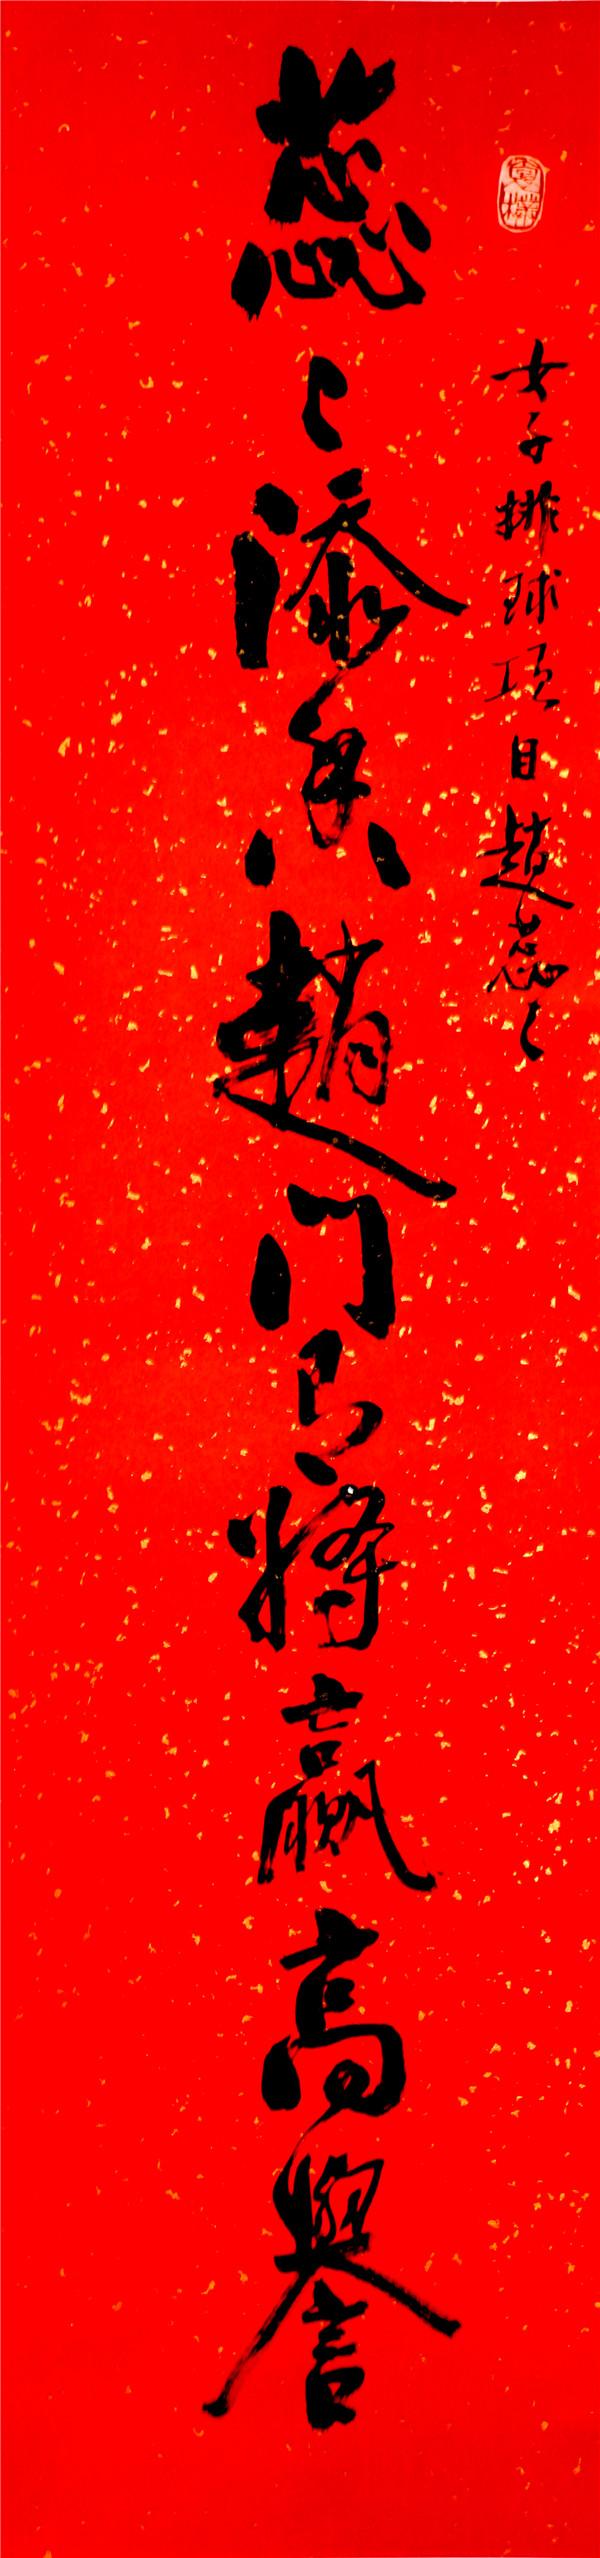 序号358,书录渠芳慧为江苏奥运冠军赵蕊蕊嵌名联